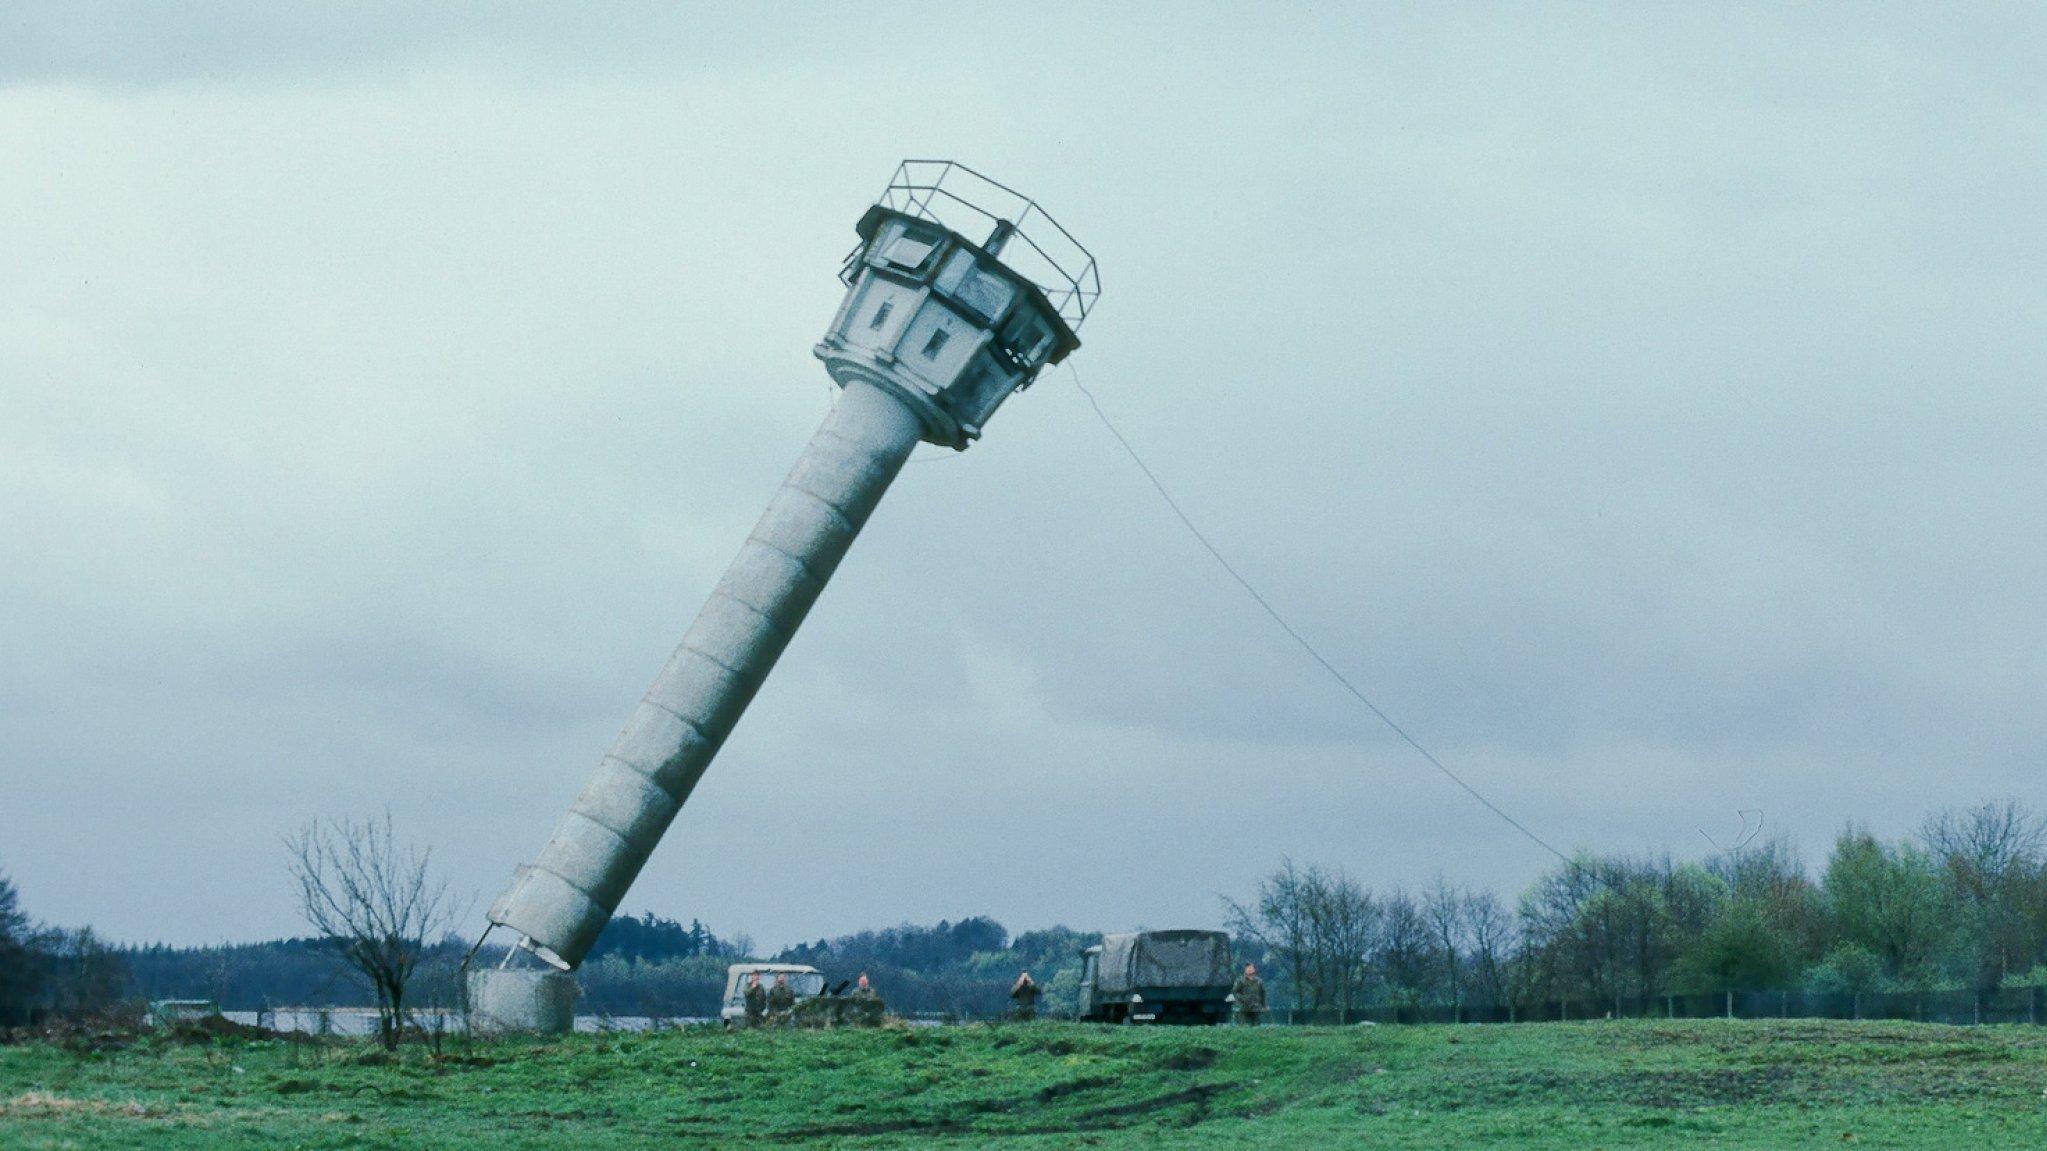 Ein Bundeswehr-Lastwagen reißt mit einer langen Leine einen Wachturm an der innerdeutschen Grenze um, der Turm ist im Fallen zu sehen.